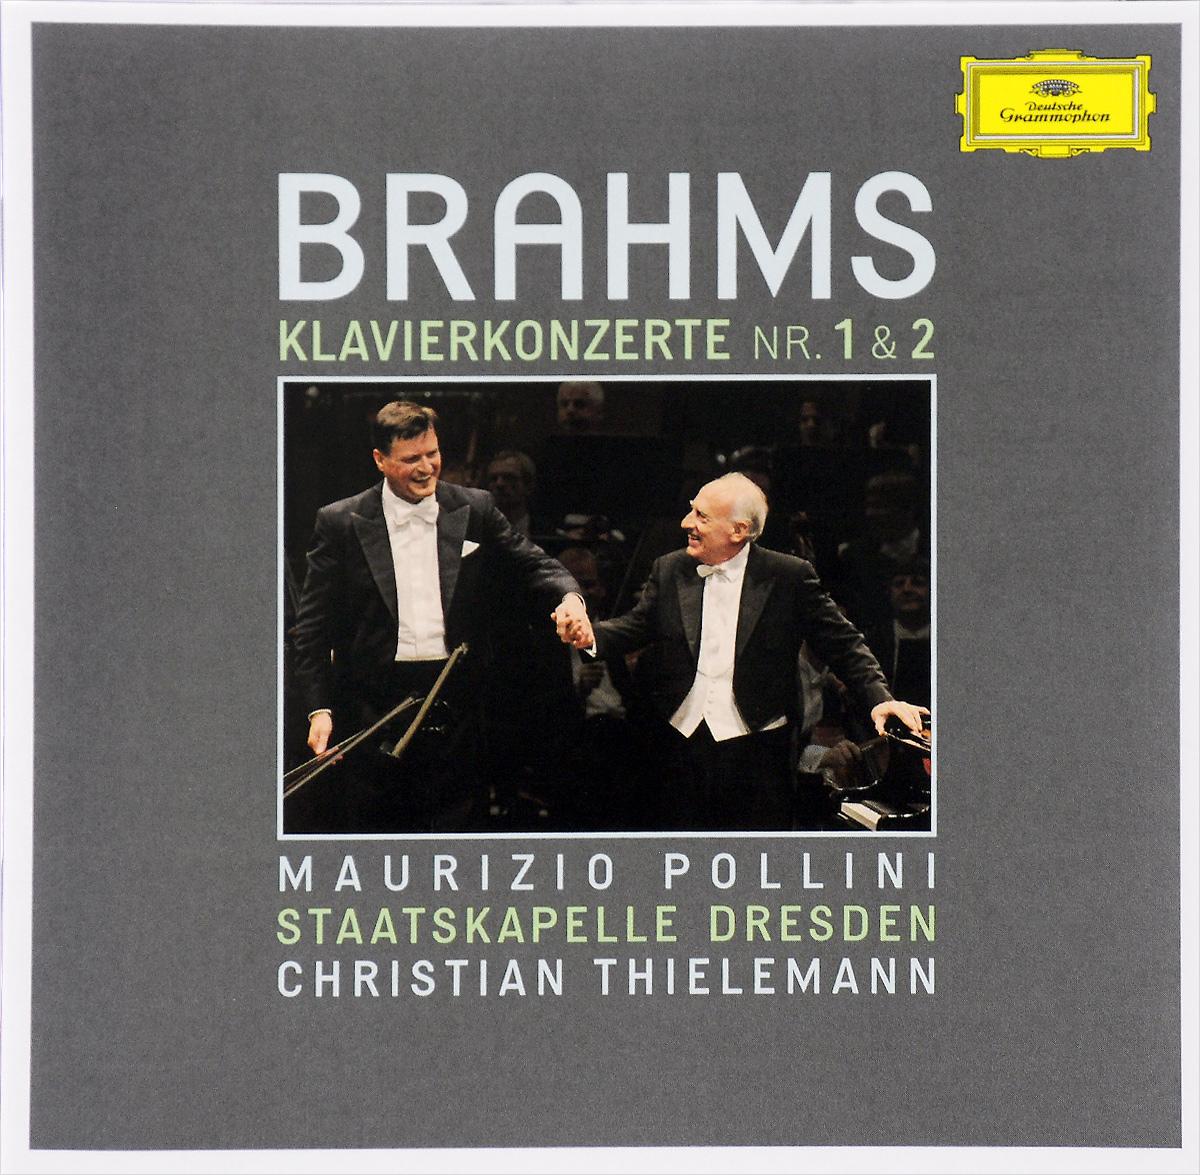 Brahms. Klavierkonzerte Nr. 1 & 2 (2 CD) 101 brahms 6 cd